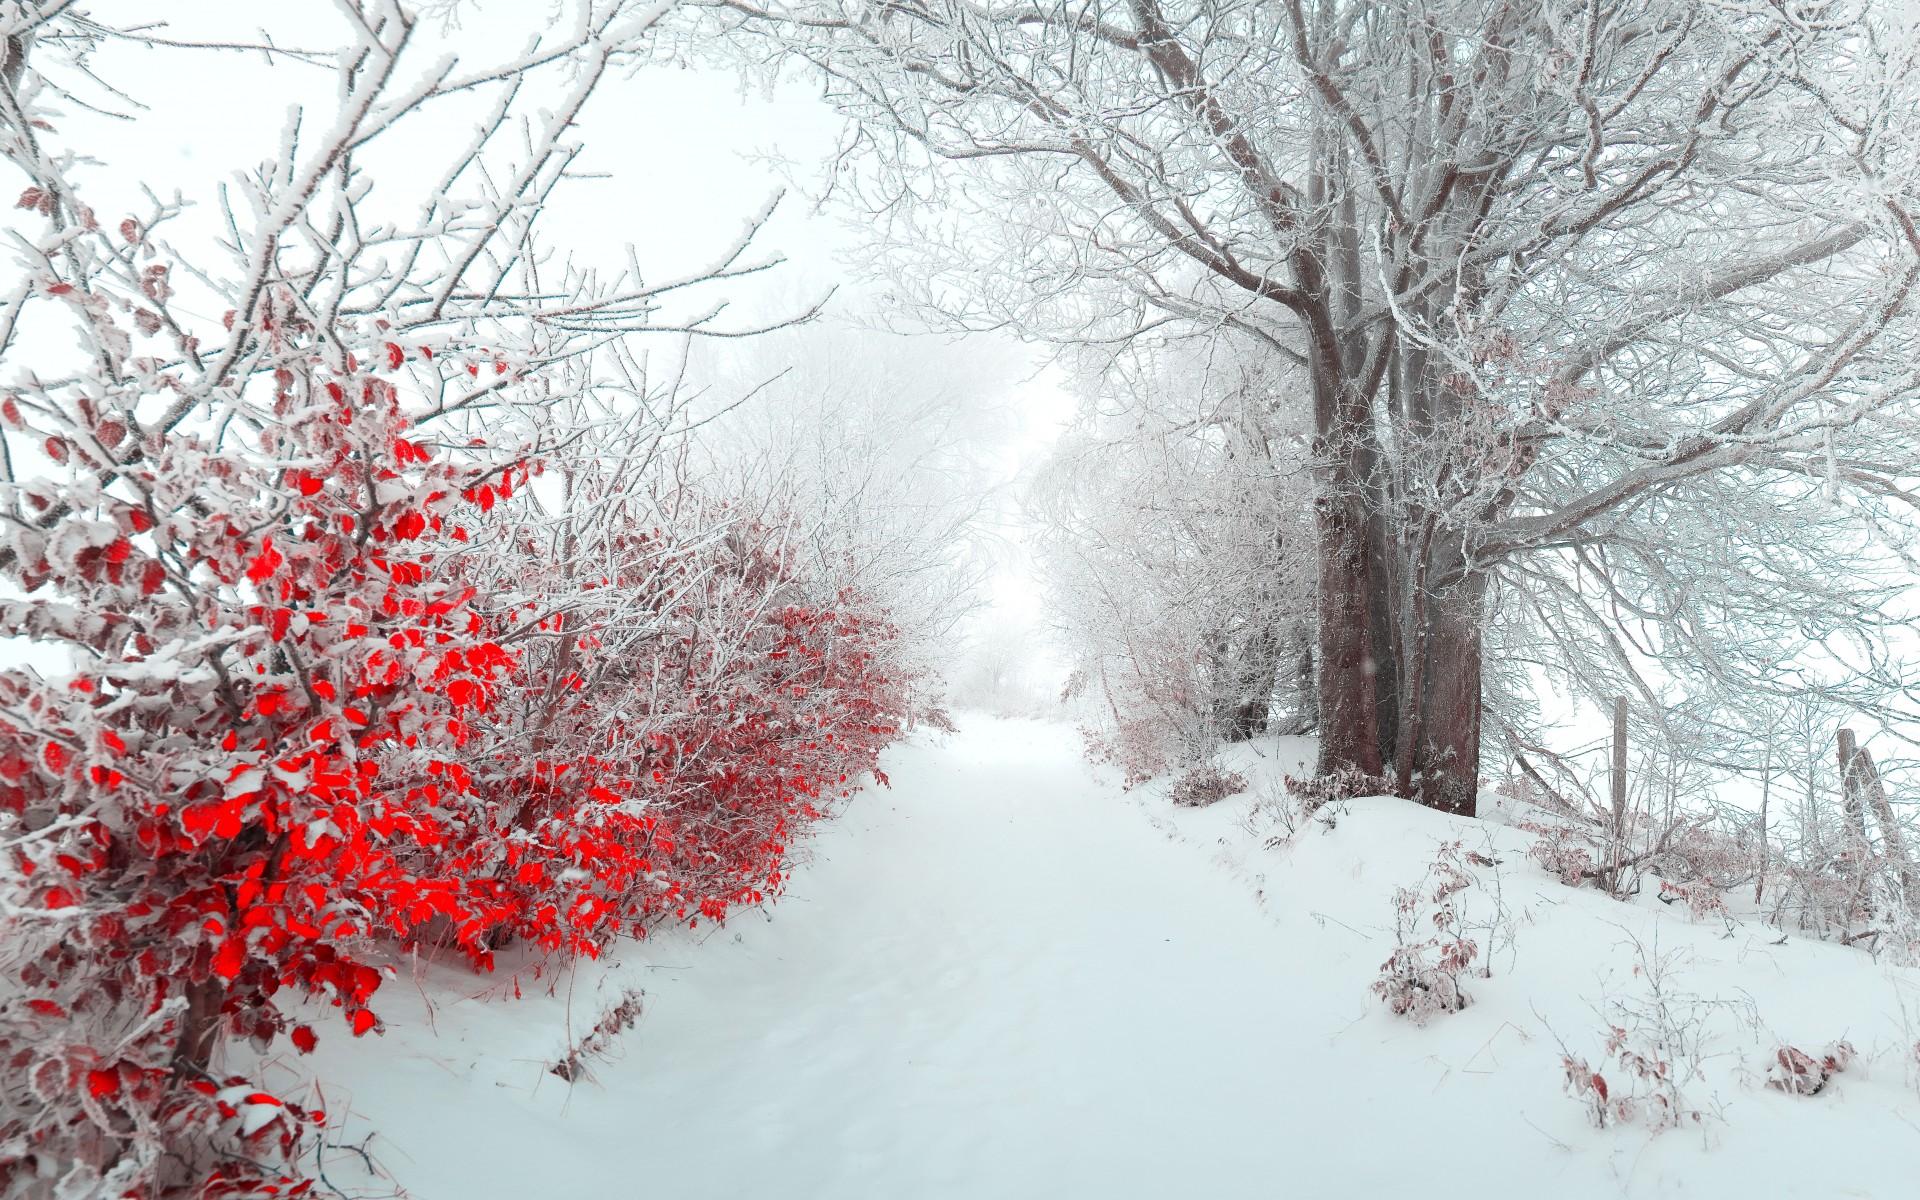 雪と赤い葉のコントラスト